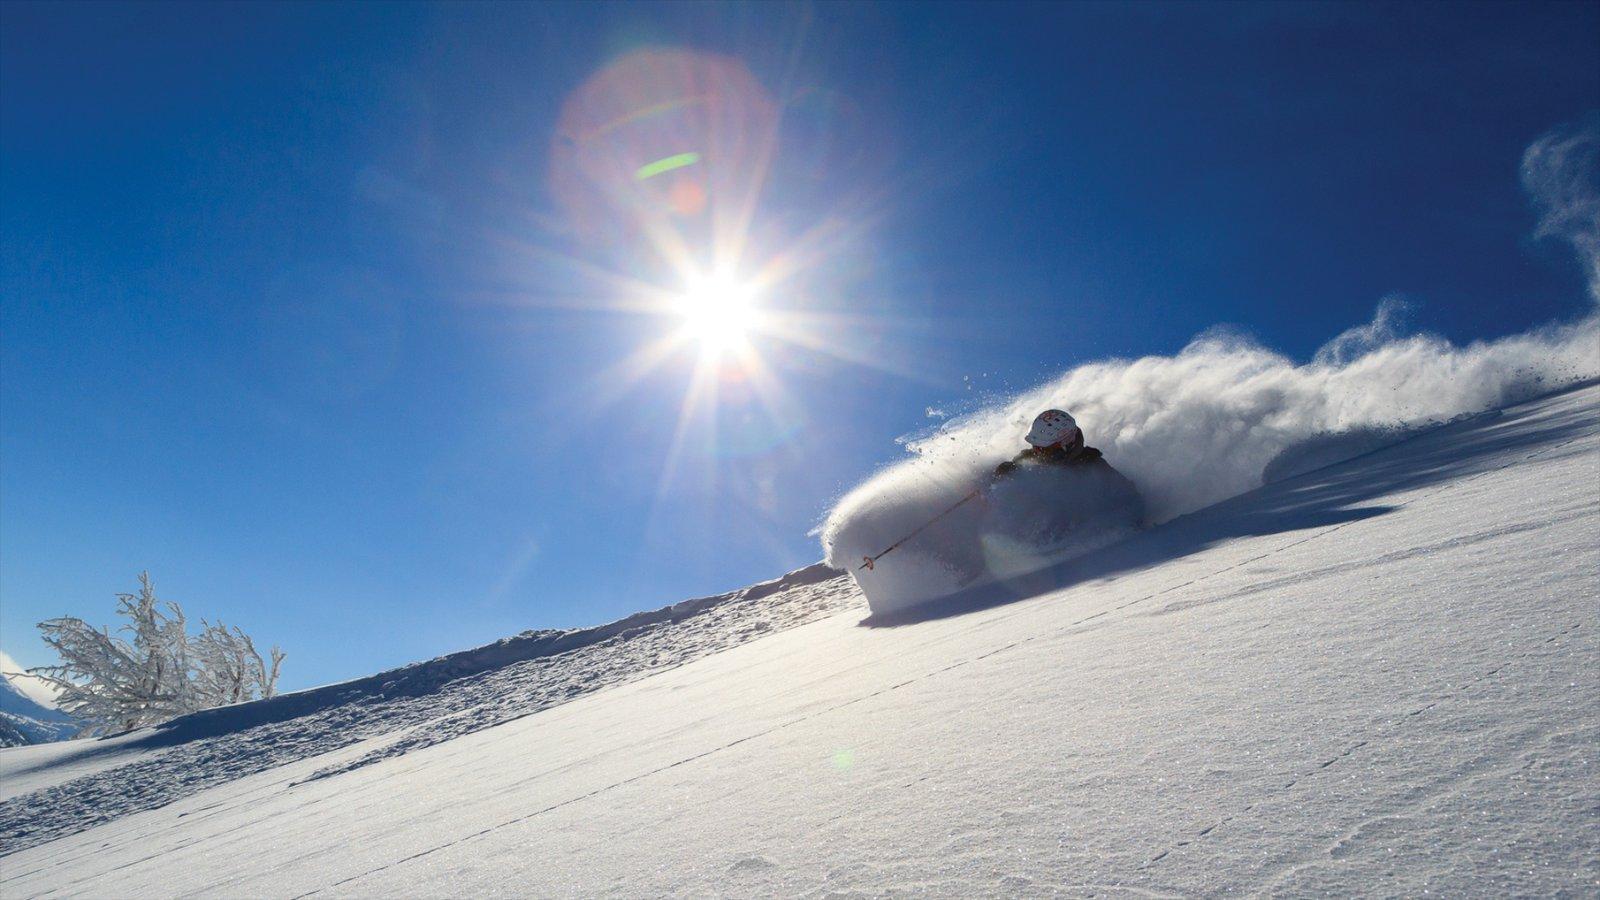 Complejo vacacional Grand Targhee mostrando nieve y esquiar en la nieve y también un hombre